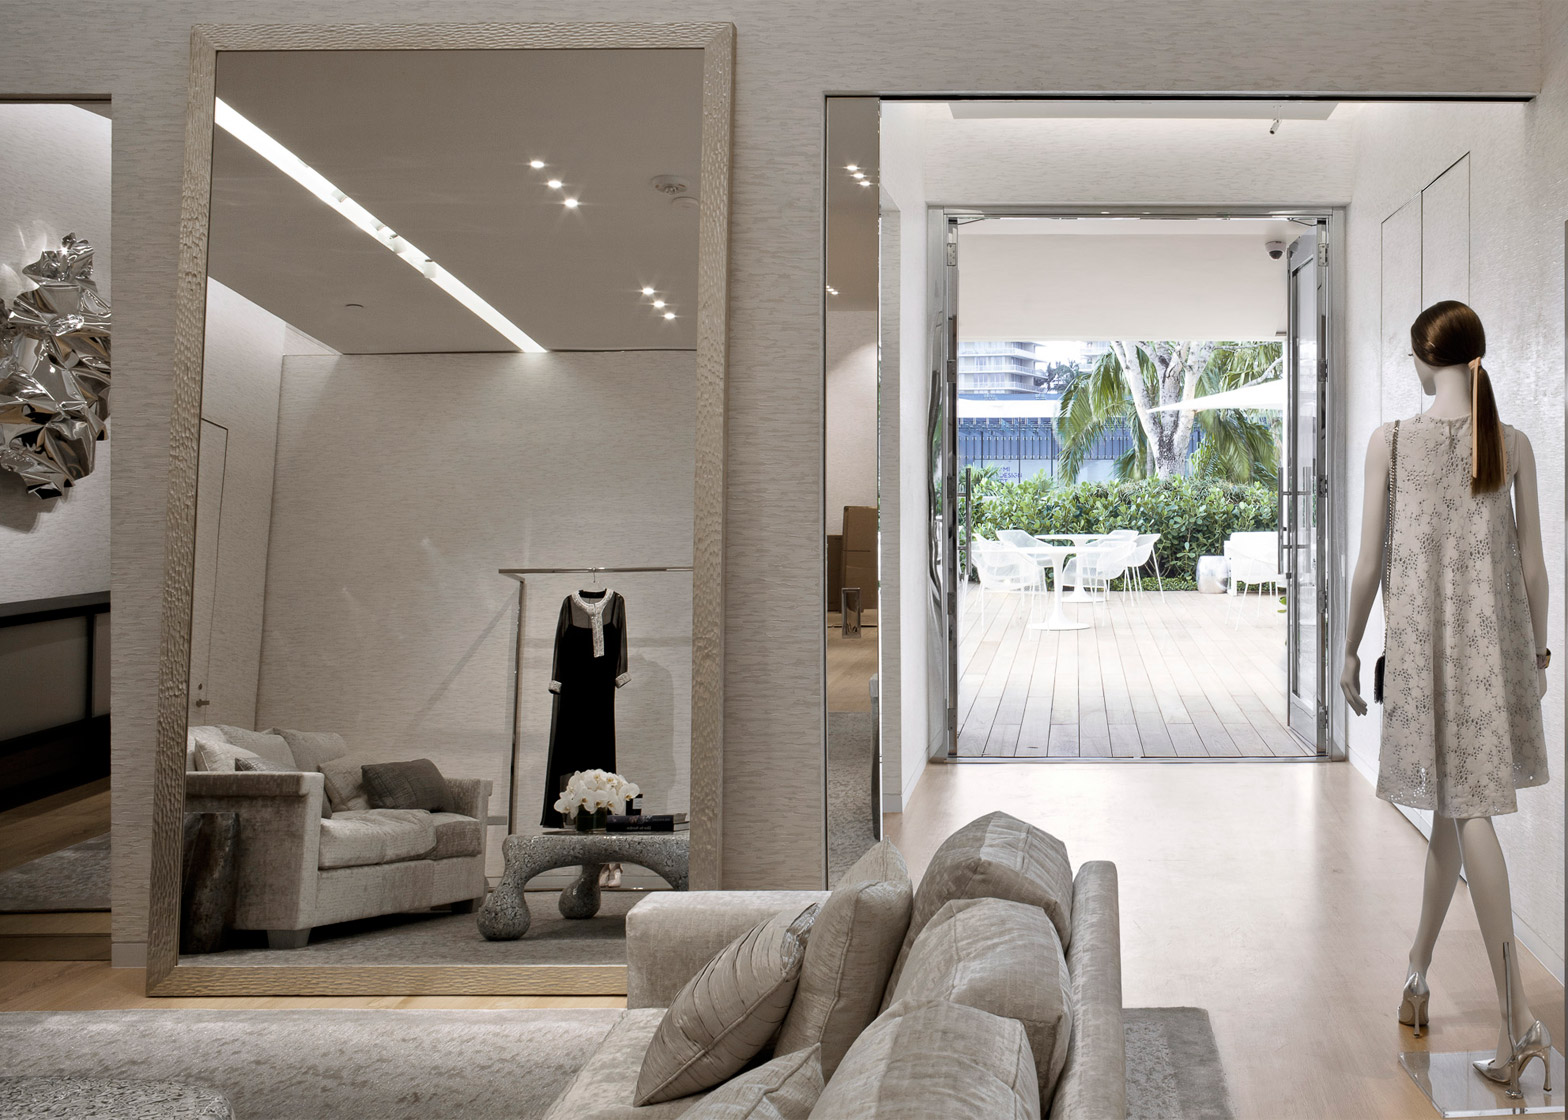 Miami Dior Boutique By Barbarito Bancel